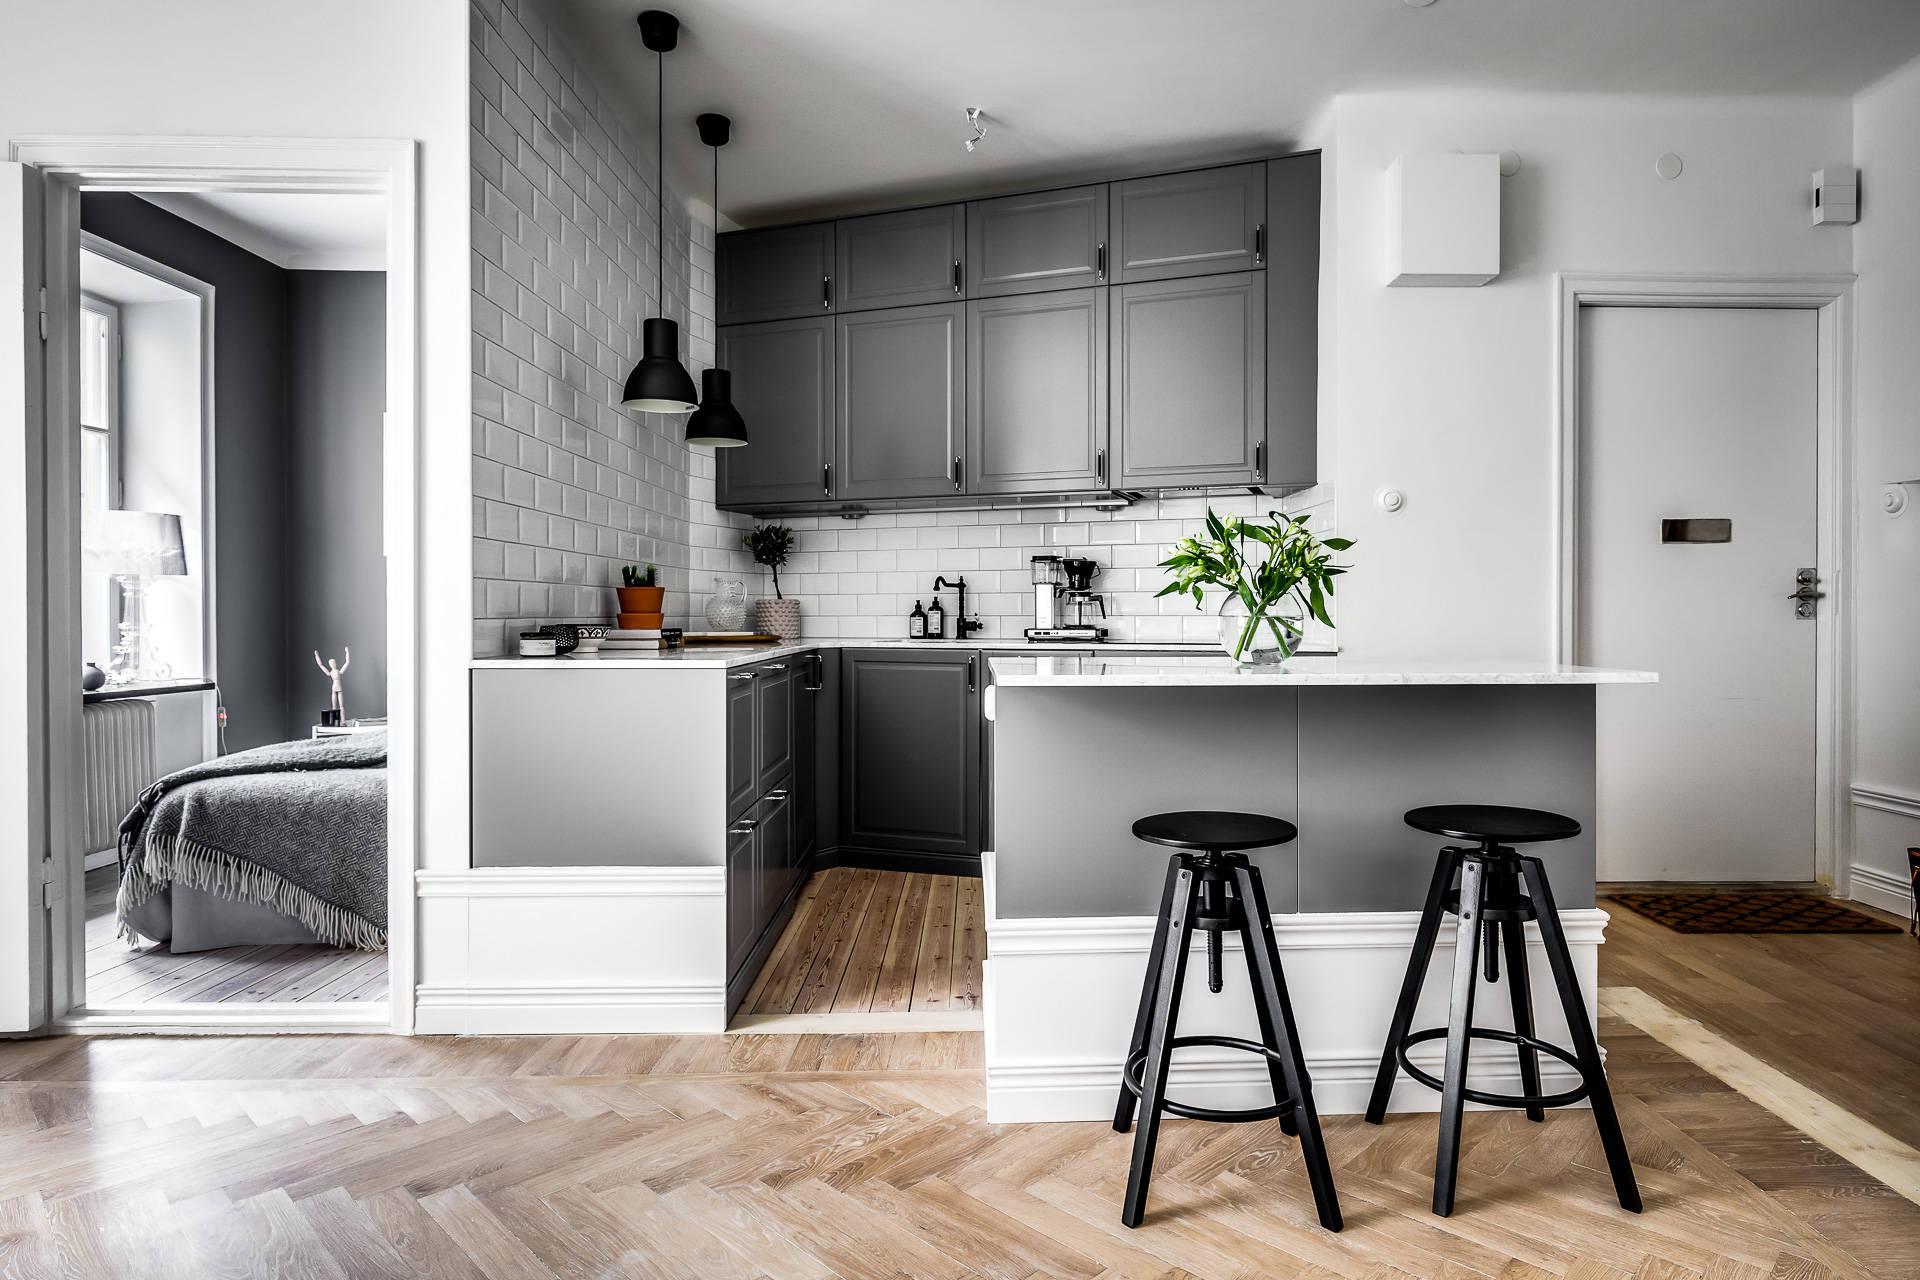 Azulejo biselado para una cocina n rdica interiores chic blog de decoraci n n rdica - Decoracion de azulejos ...